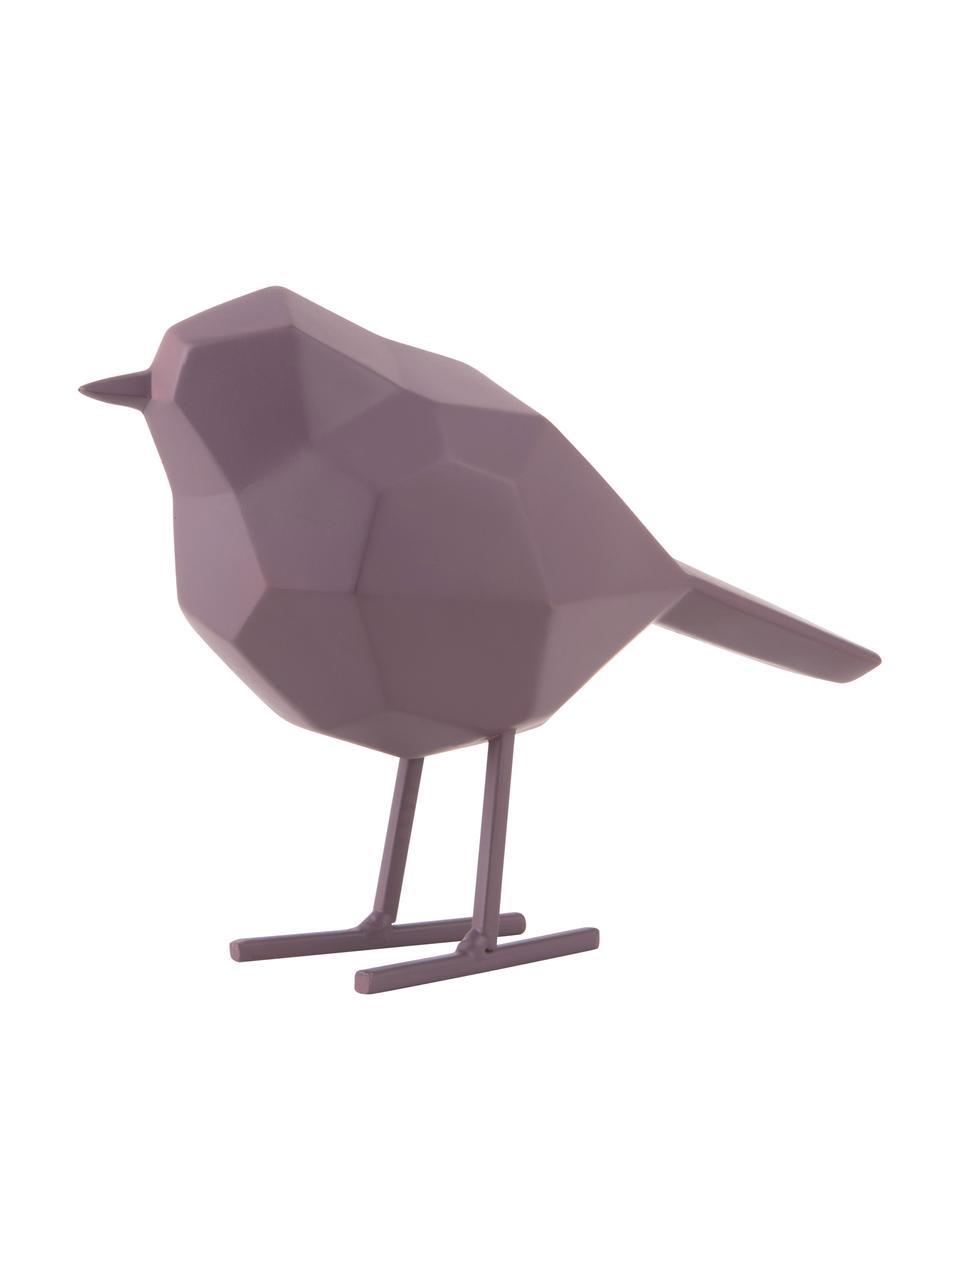 Decoratief object Bird, Kunststof, Lila, 14 x 17 cm